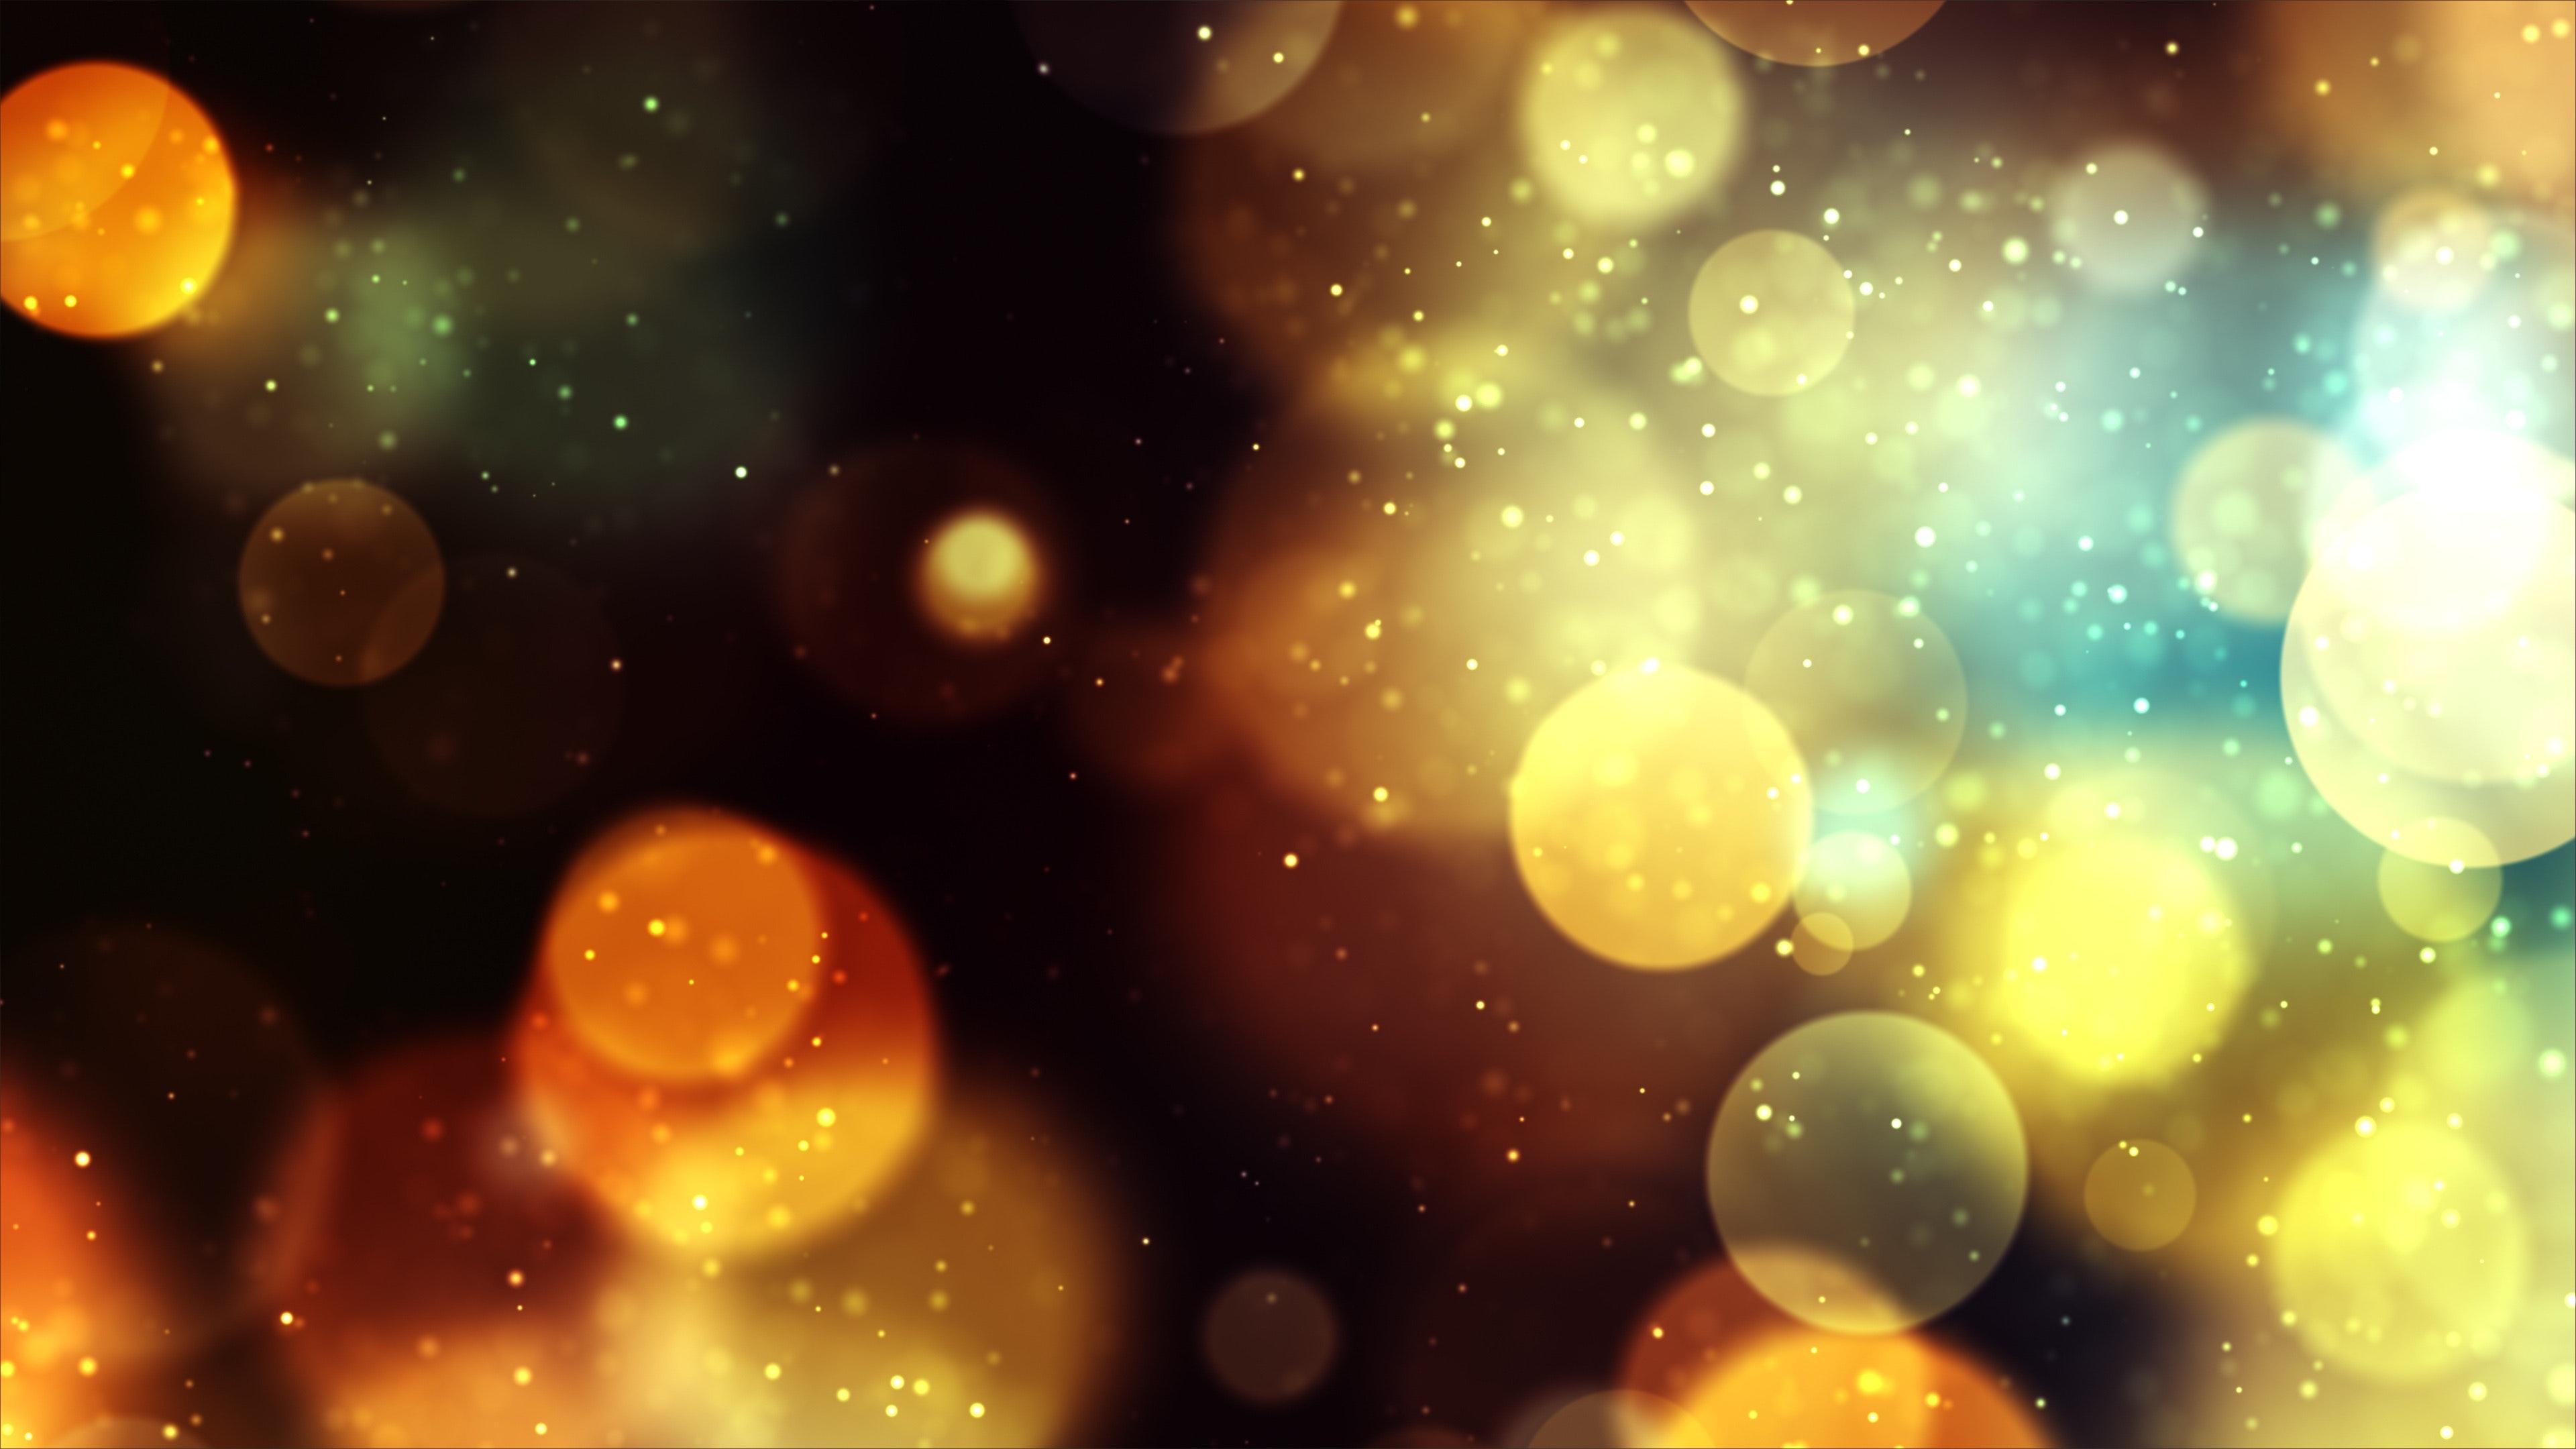 background-blur-bokeh-220067